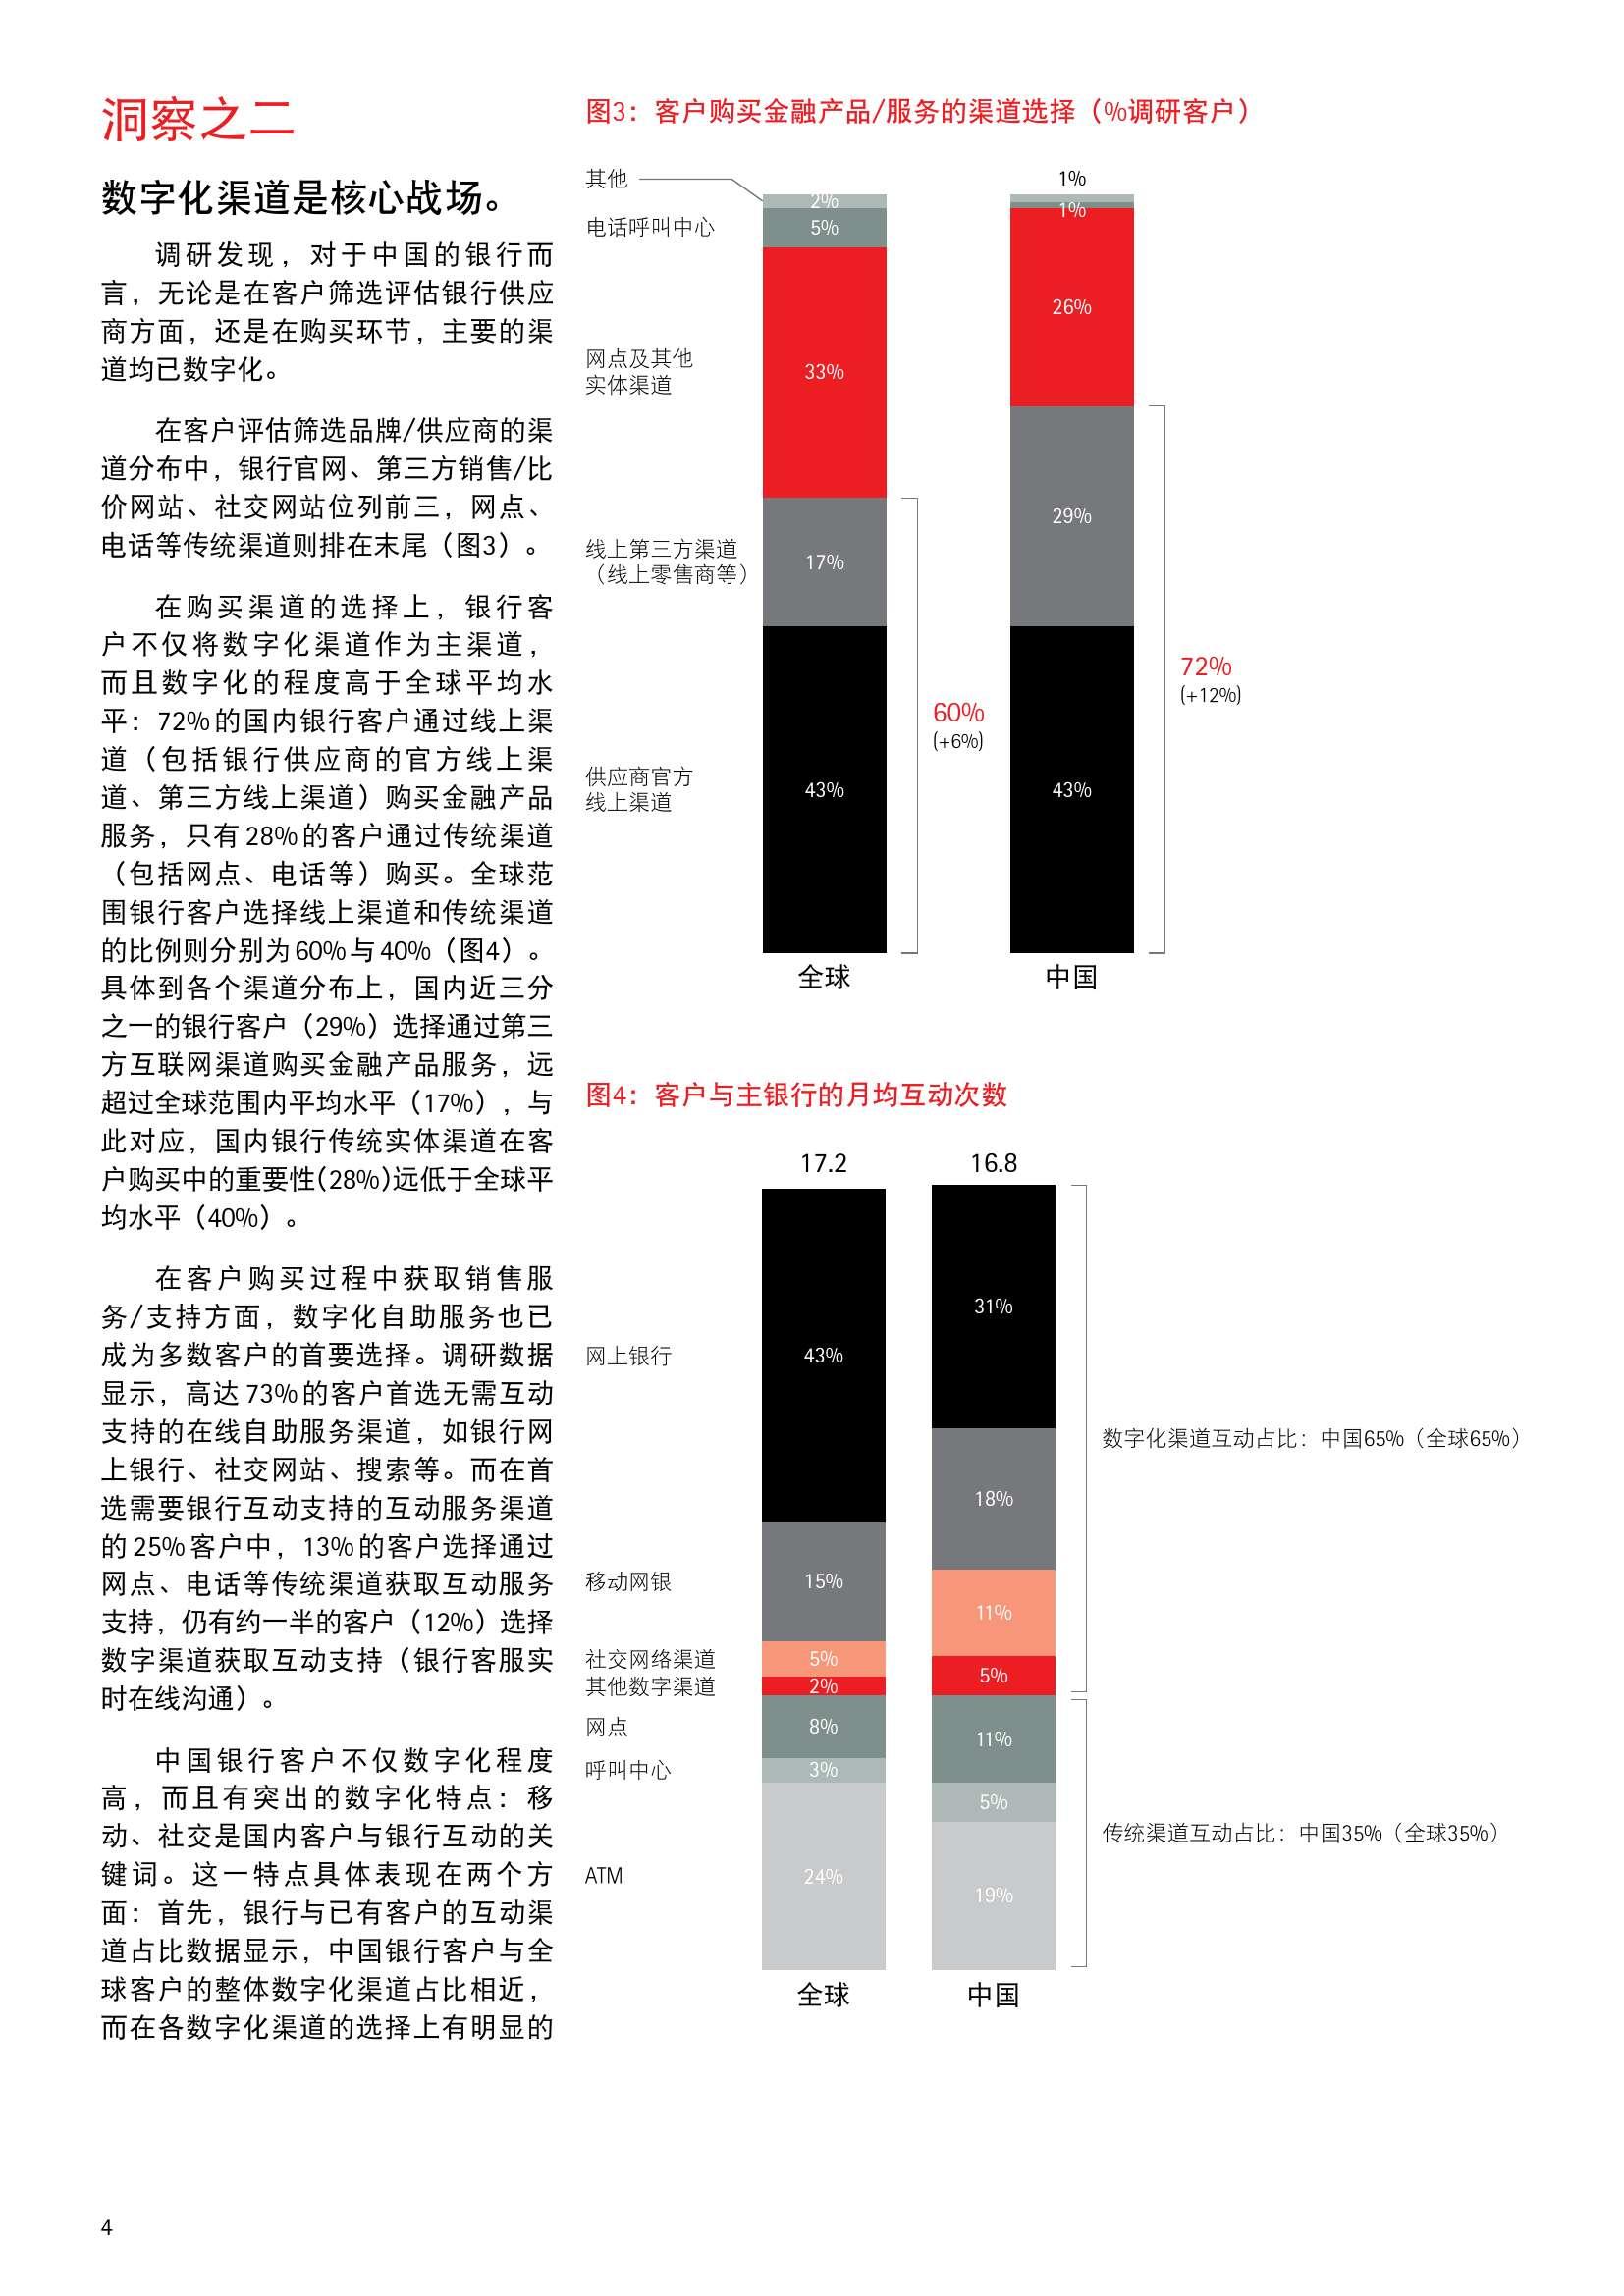 埃森哲中国零售银行数字化消费者调研_000004